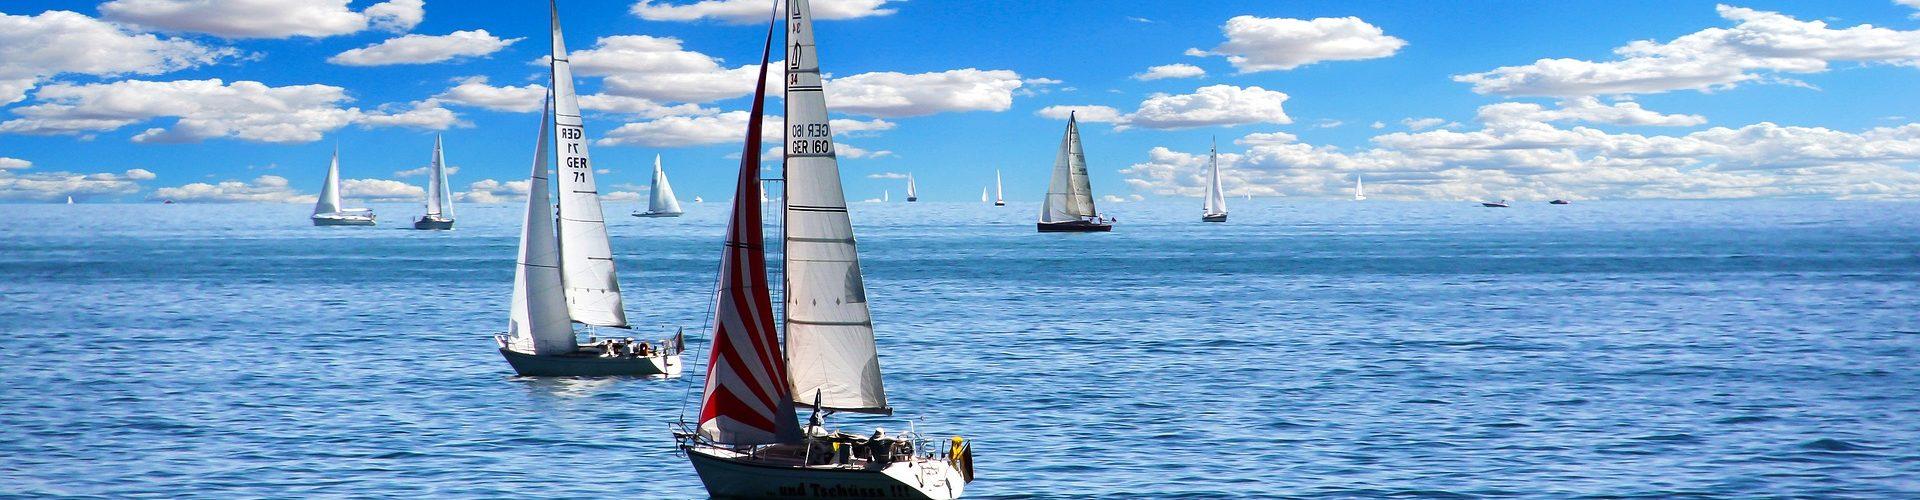 segeln lernen in Wusterwitz segelschein machen in Wusterwitz 1920x500 - Segeln lernen in Wusterwitz